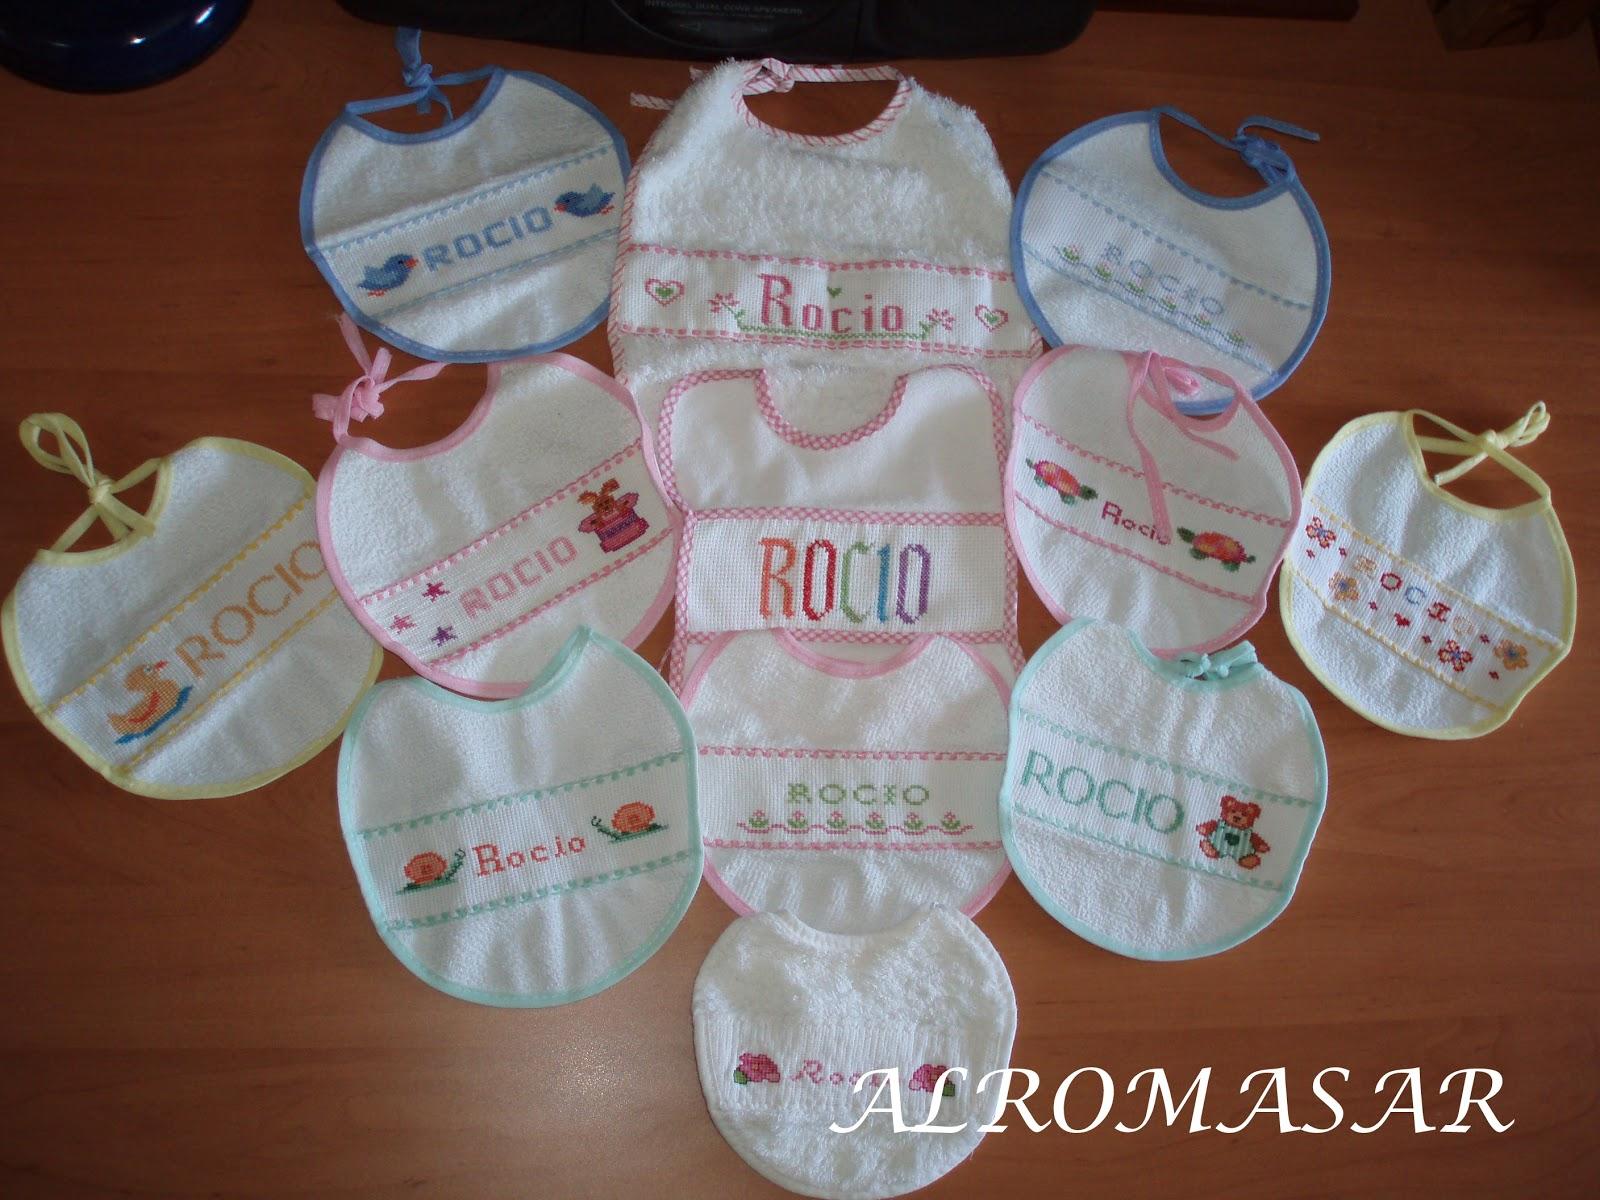 Alromasar baberos y canastillas - Motivos infantiles para decorar ...